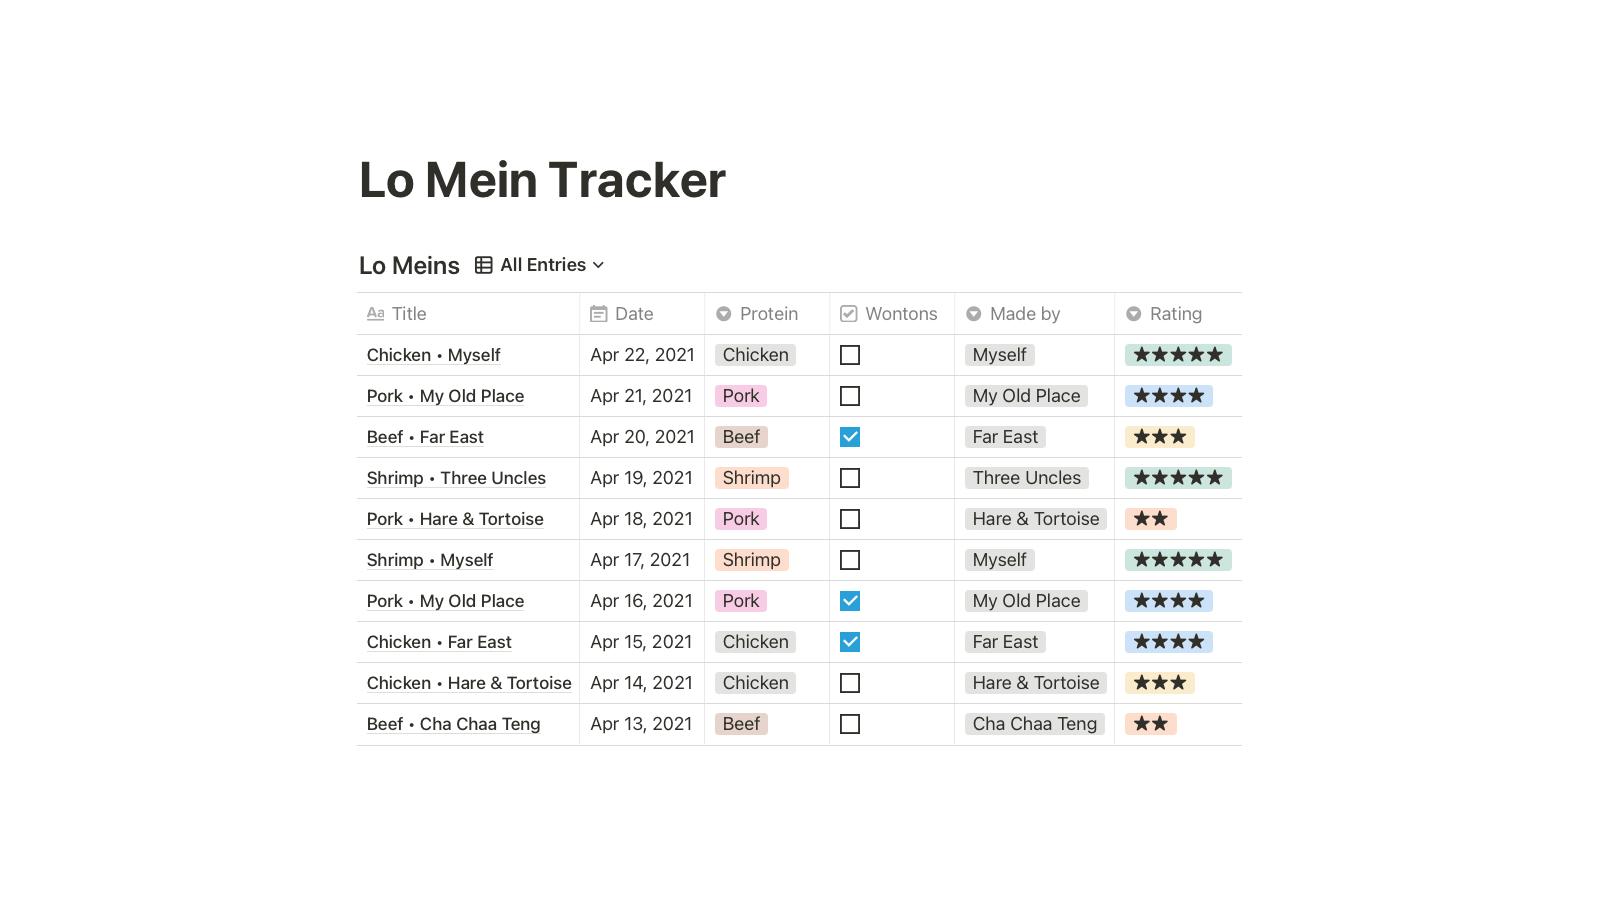 Lo Mein Tracker